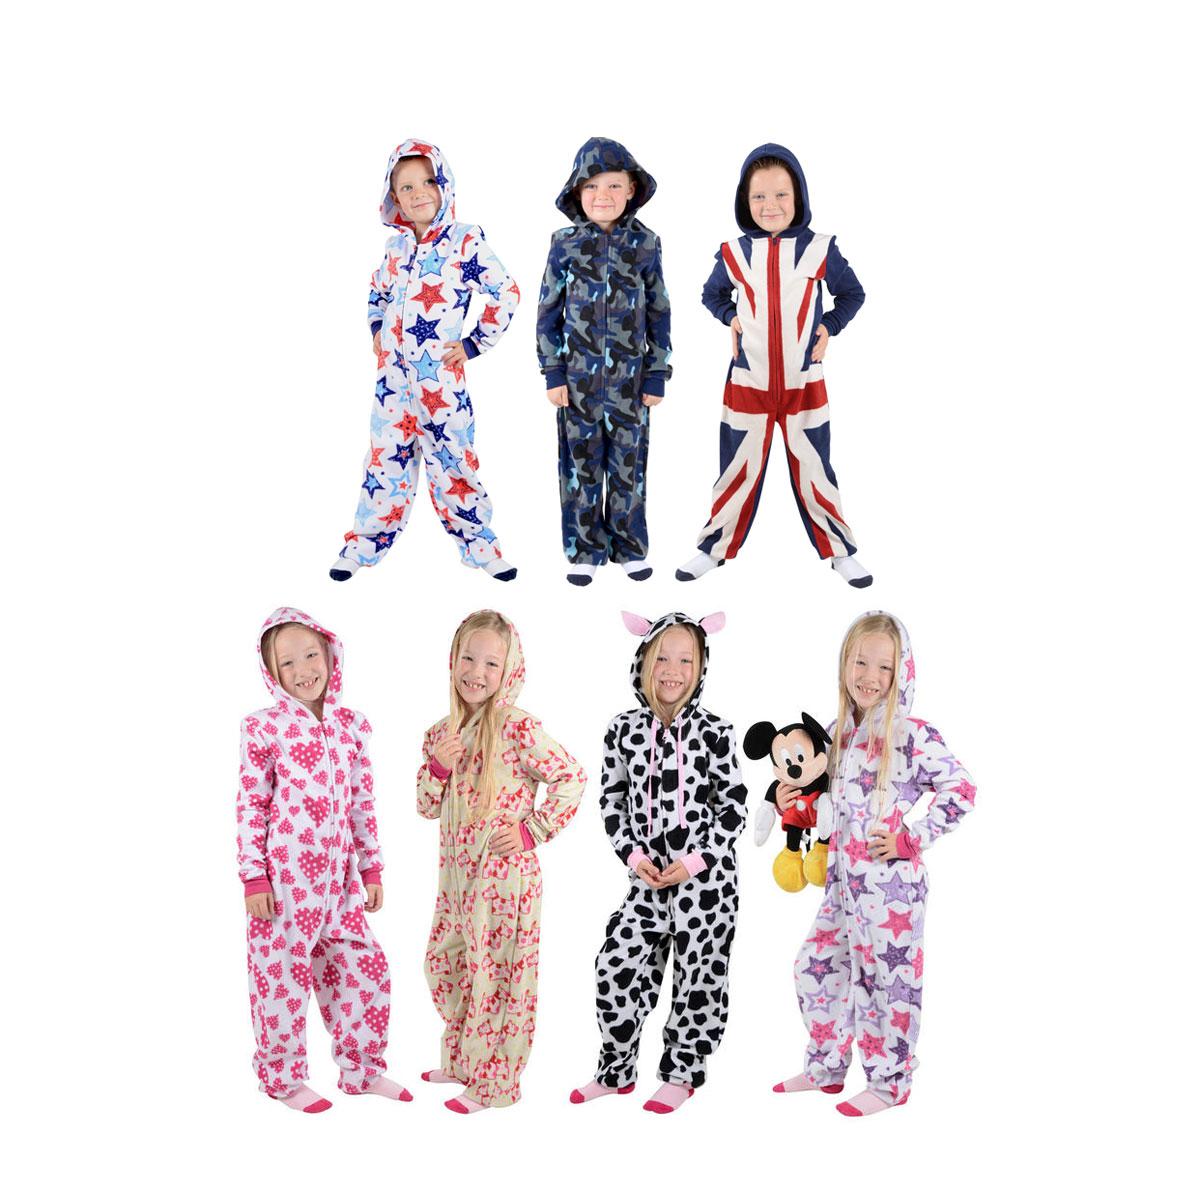 boys and girls all in one piece pyjamas jump sleep suit onesie pjs nightwear ebay. Black Bedroom Furniture Sets. Home Design Ideas